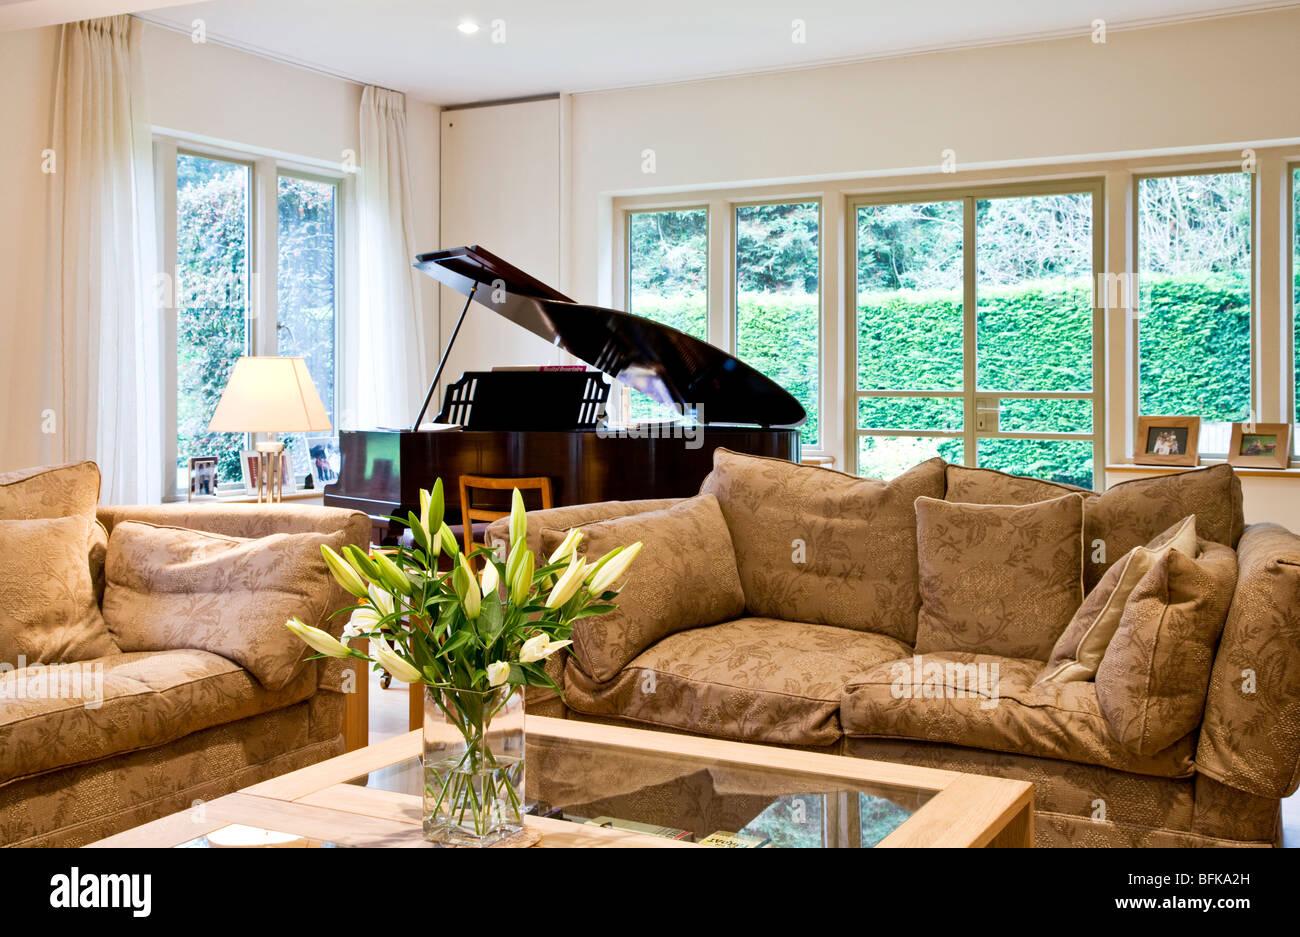 Un elegante salón moderno, inteligente, salón o salón con piano y un jarrón de azucenas Imagen De Stock